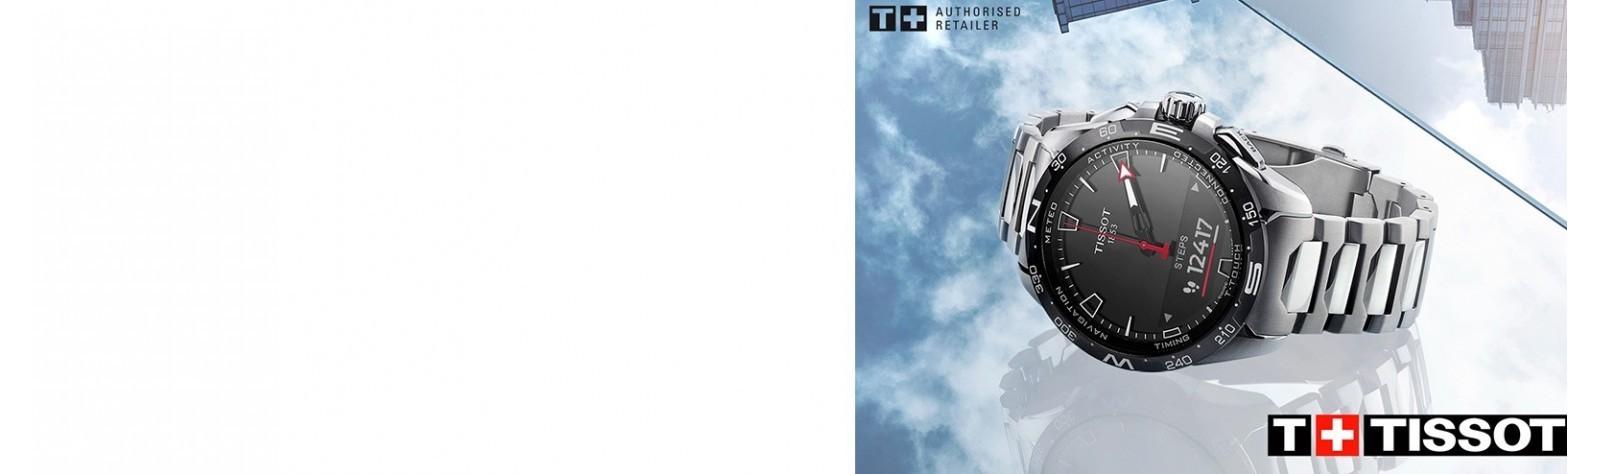 Compra Online Tissot T- Touch con movimiento solar | Santamaría Joyeros